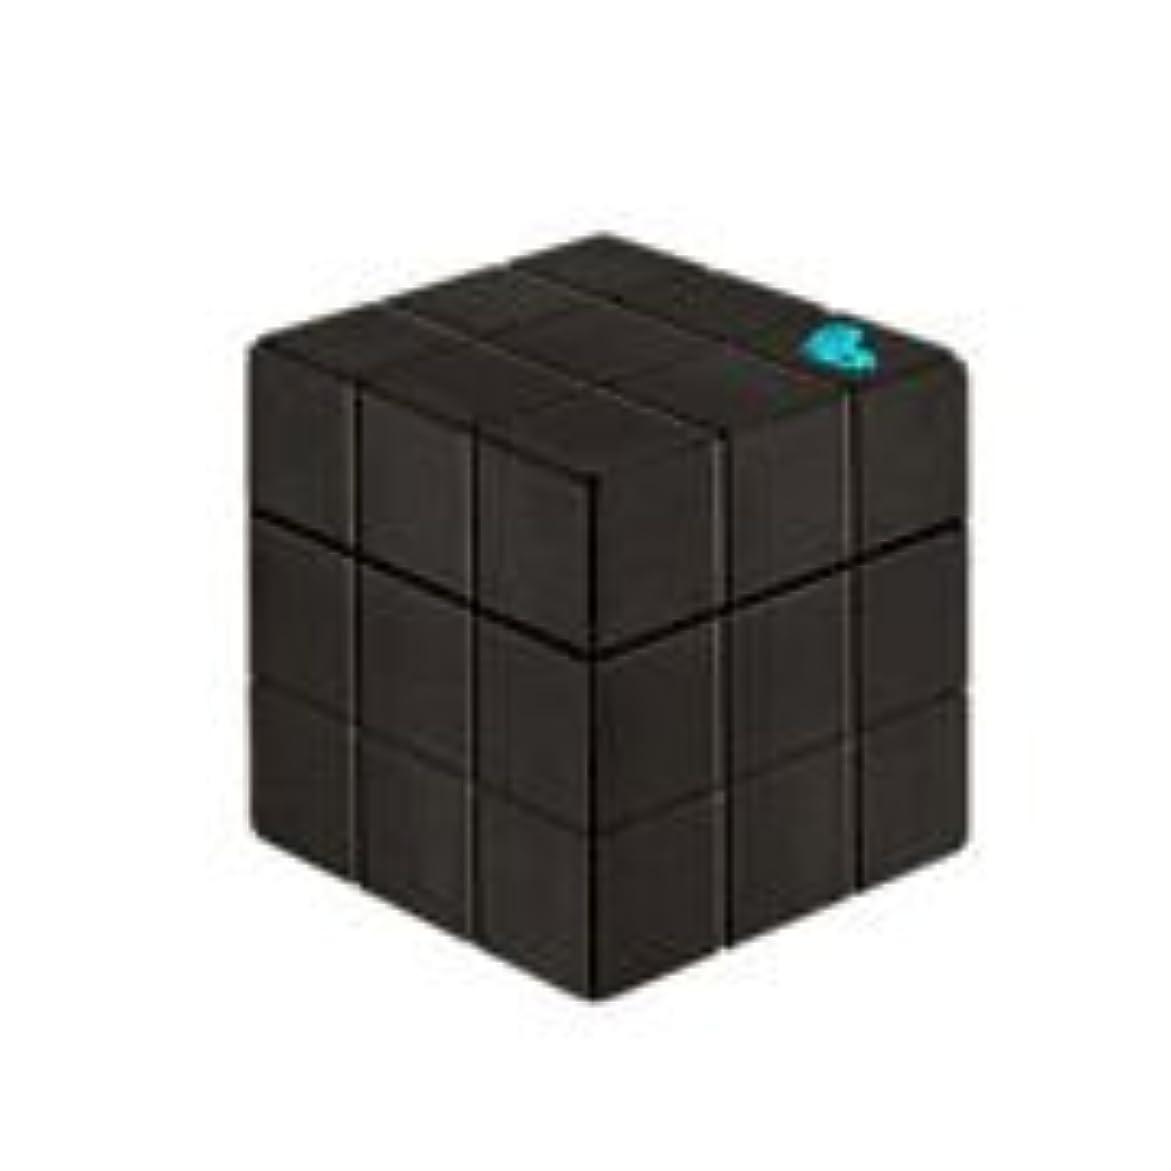 ペイン崩壊固体【X3個セット】 アリミノ ピース プロデザインシリーズ フリーズキープワックス ブラック 80g